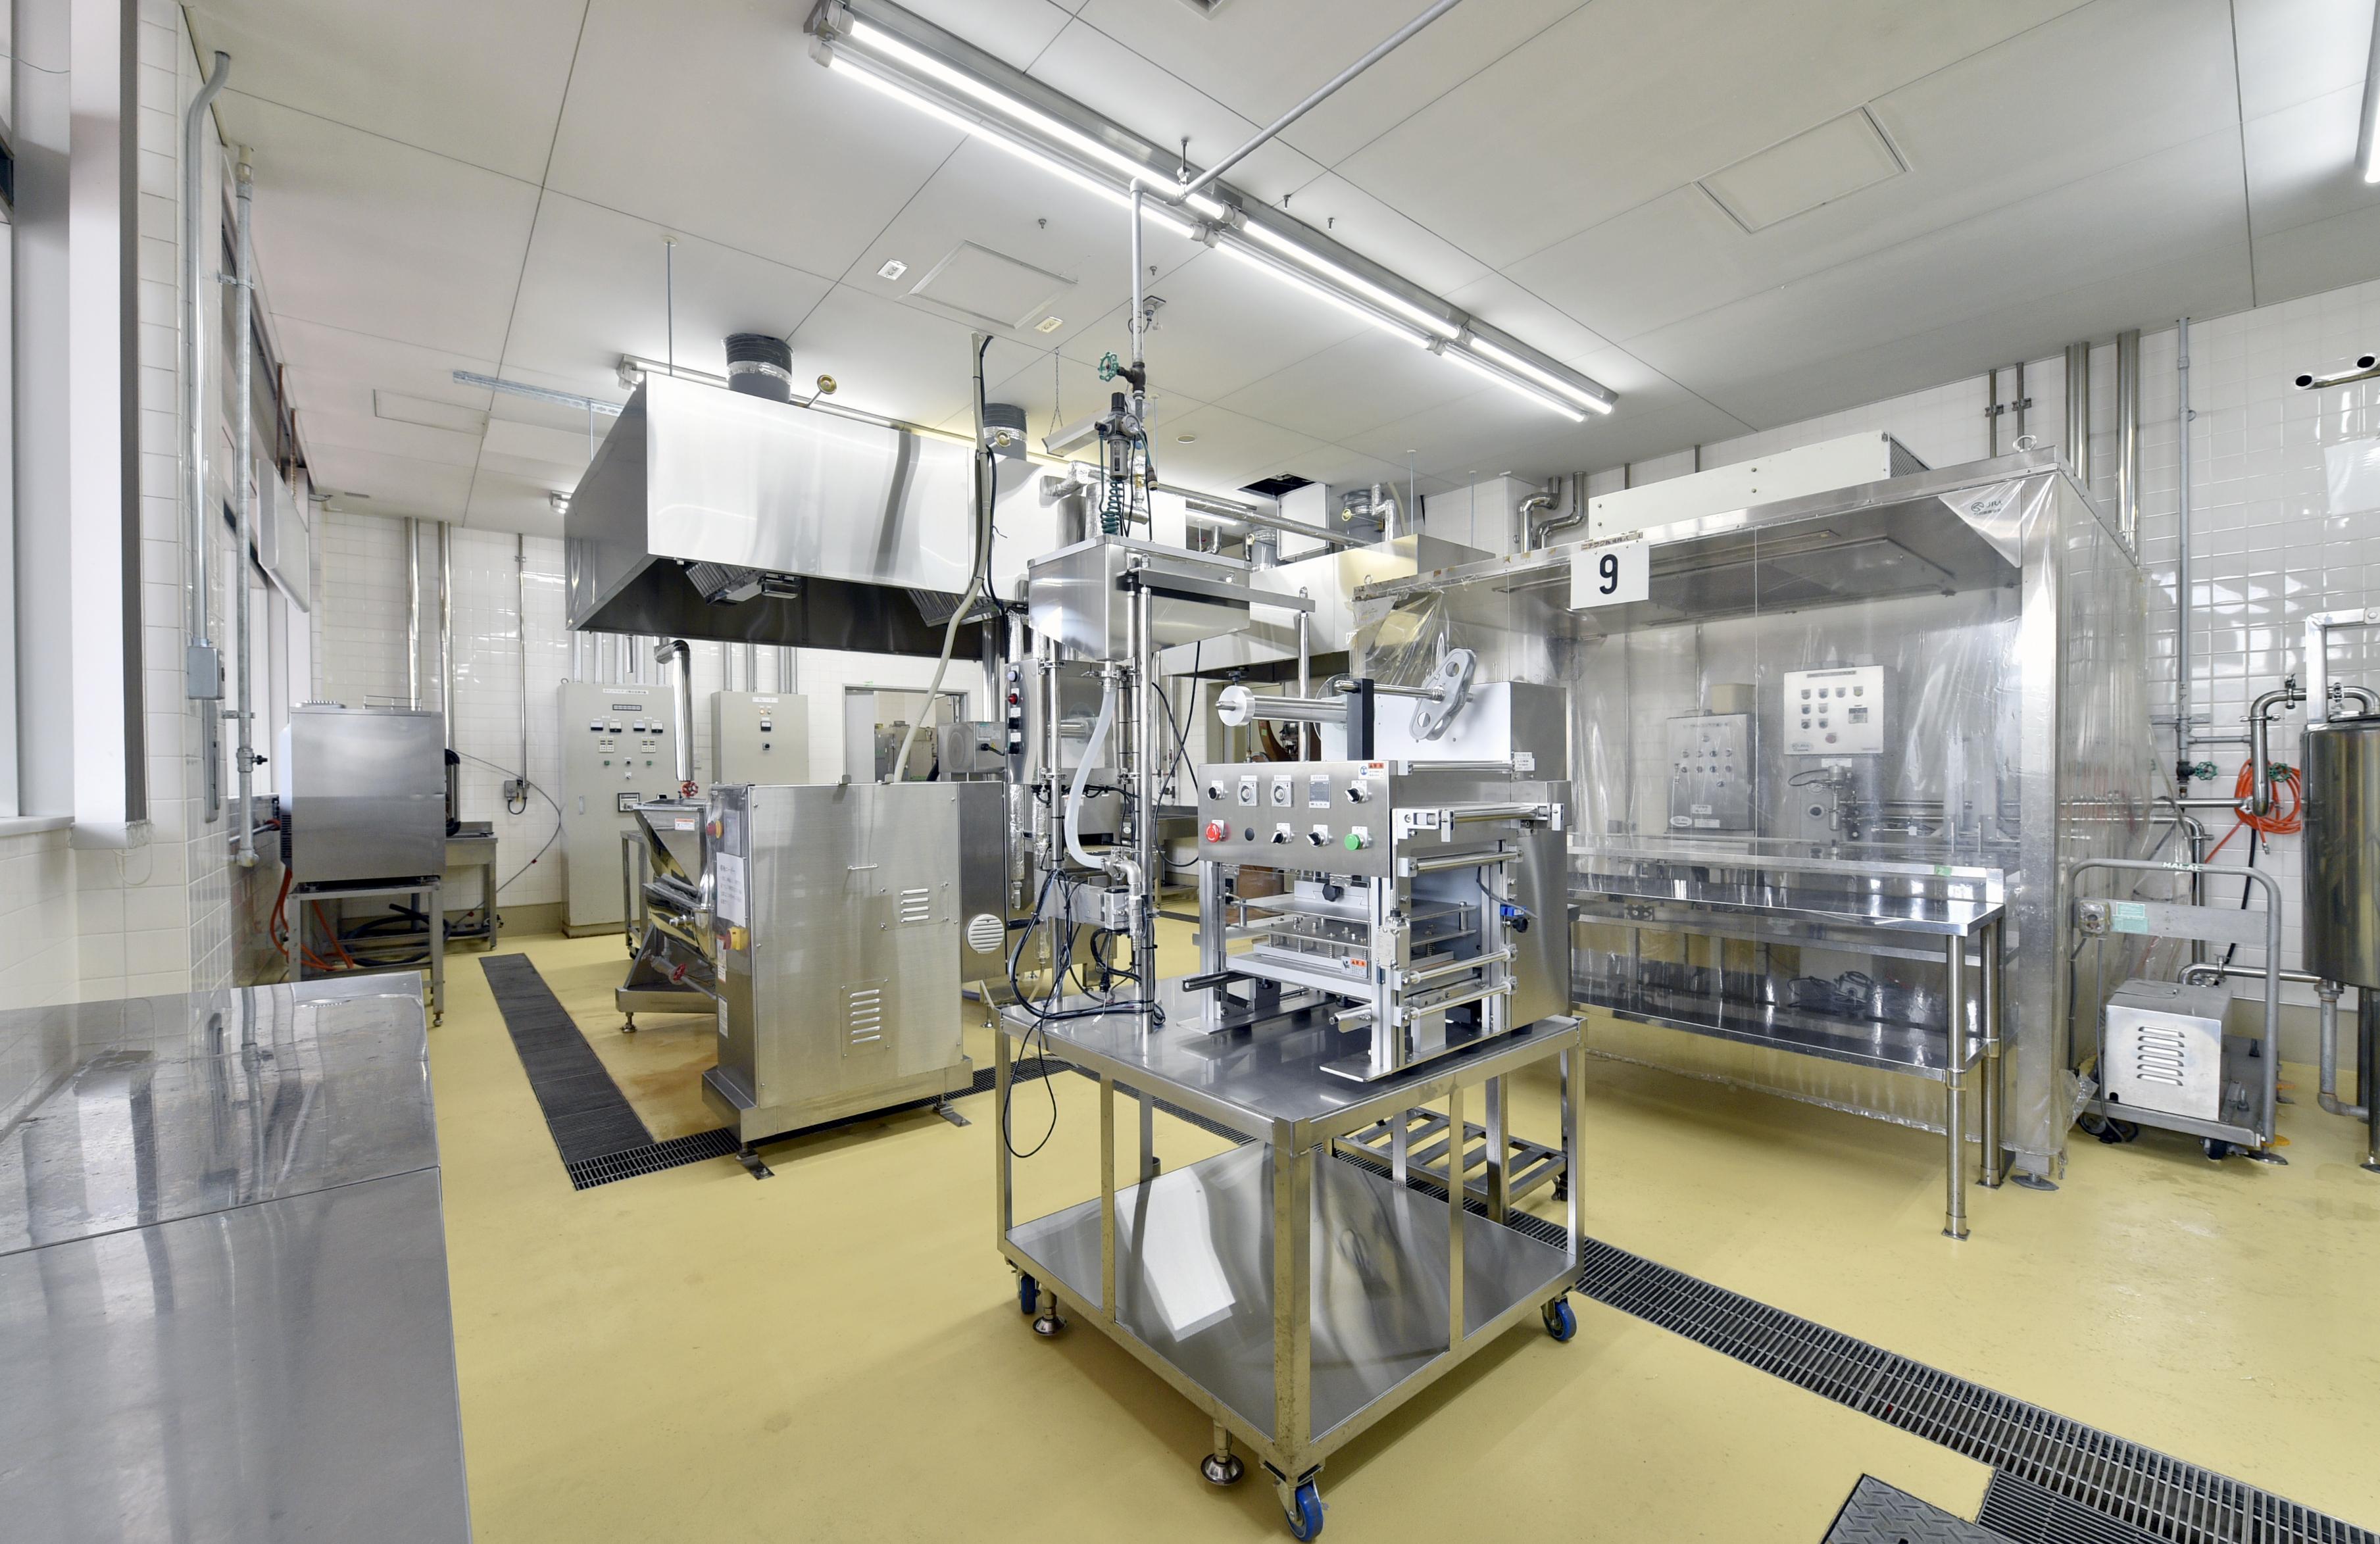 ハラール専門工場